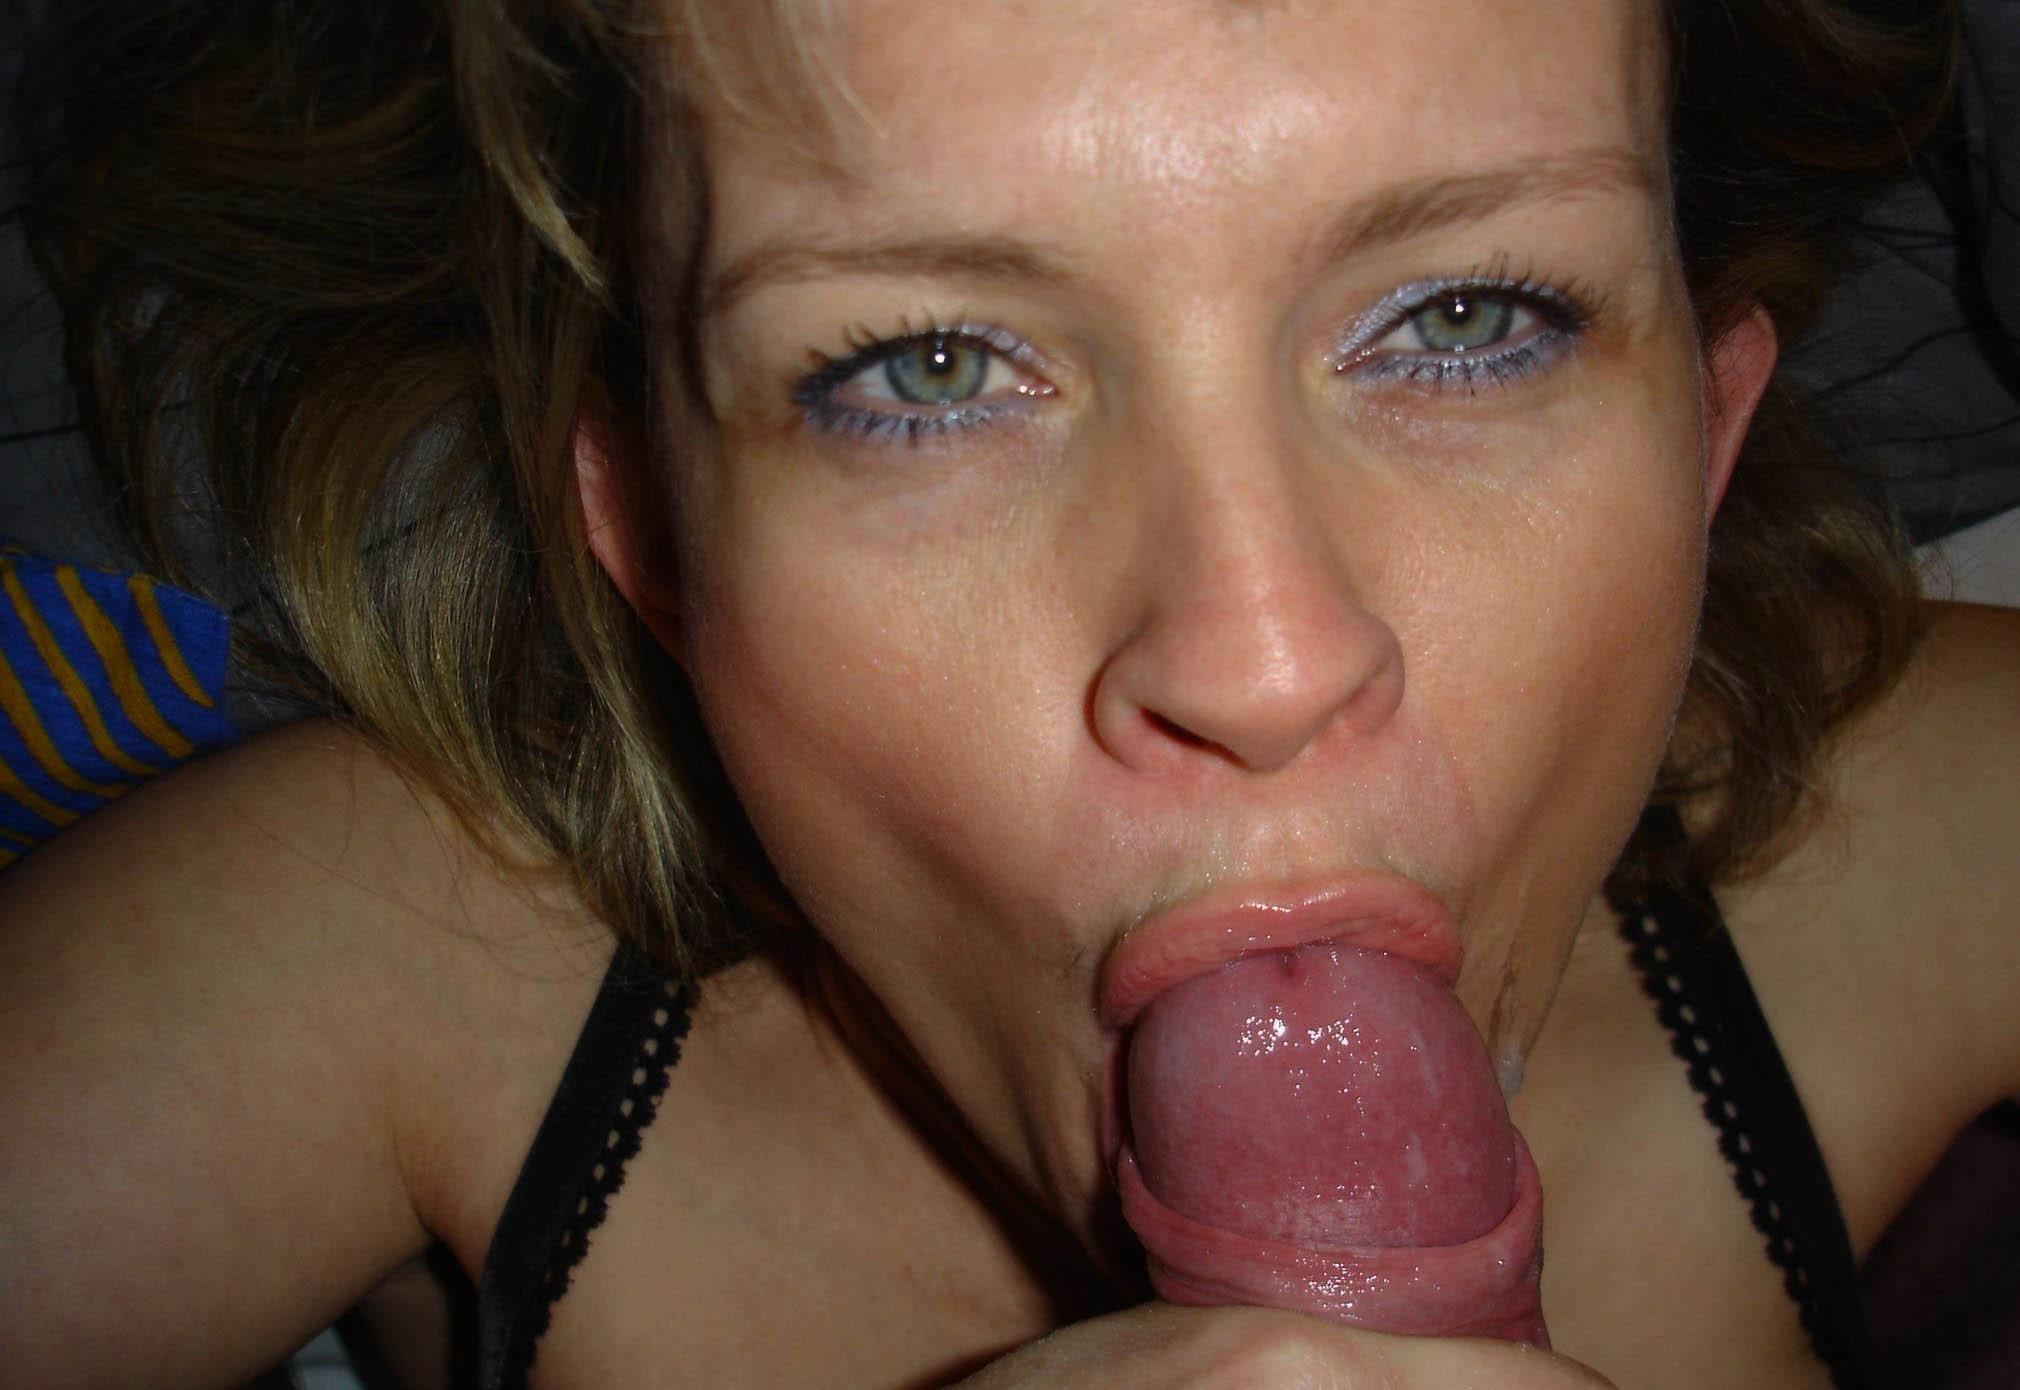 Amateur Teen Girlfriend Facial